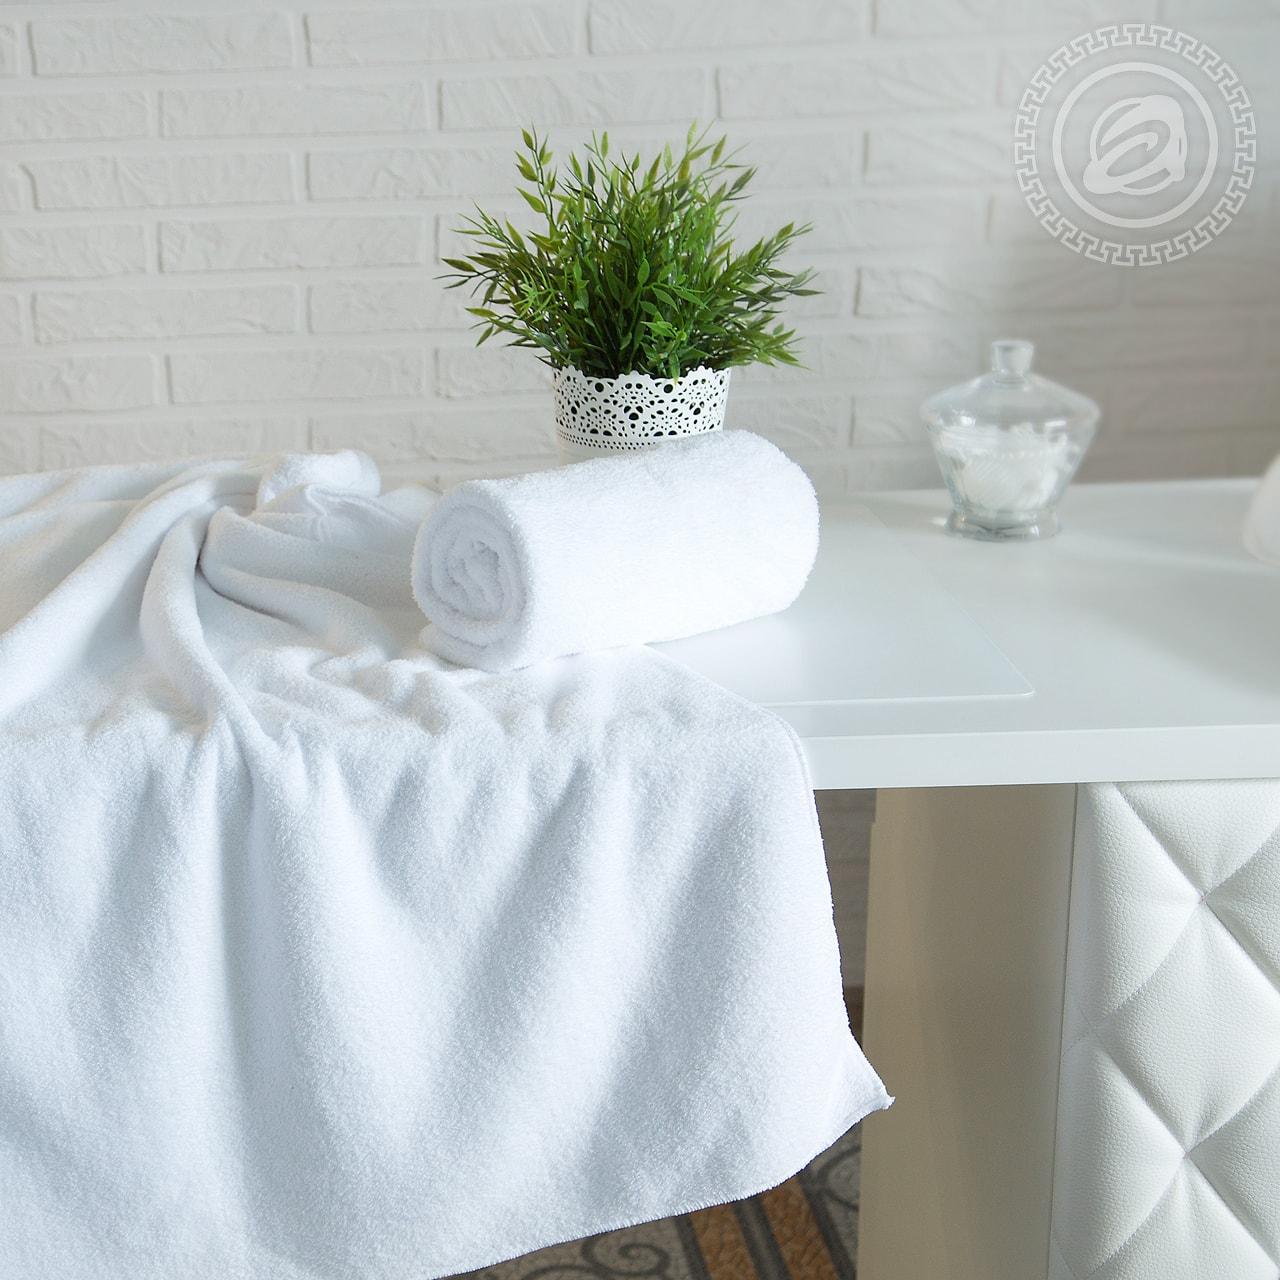 Банное полотенце Грандсток 15512551 от Grandstock